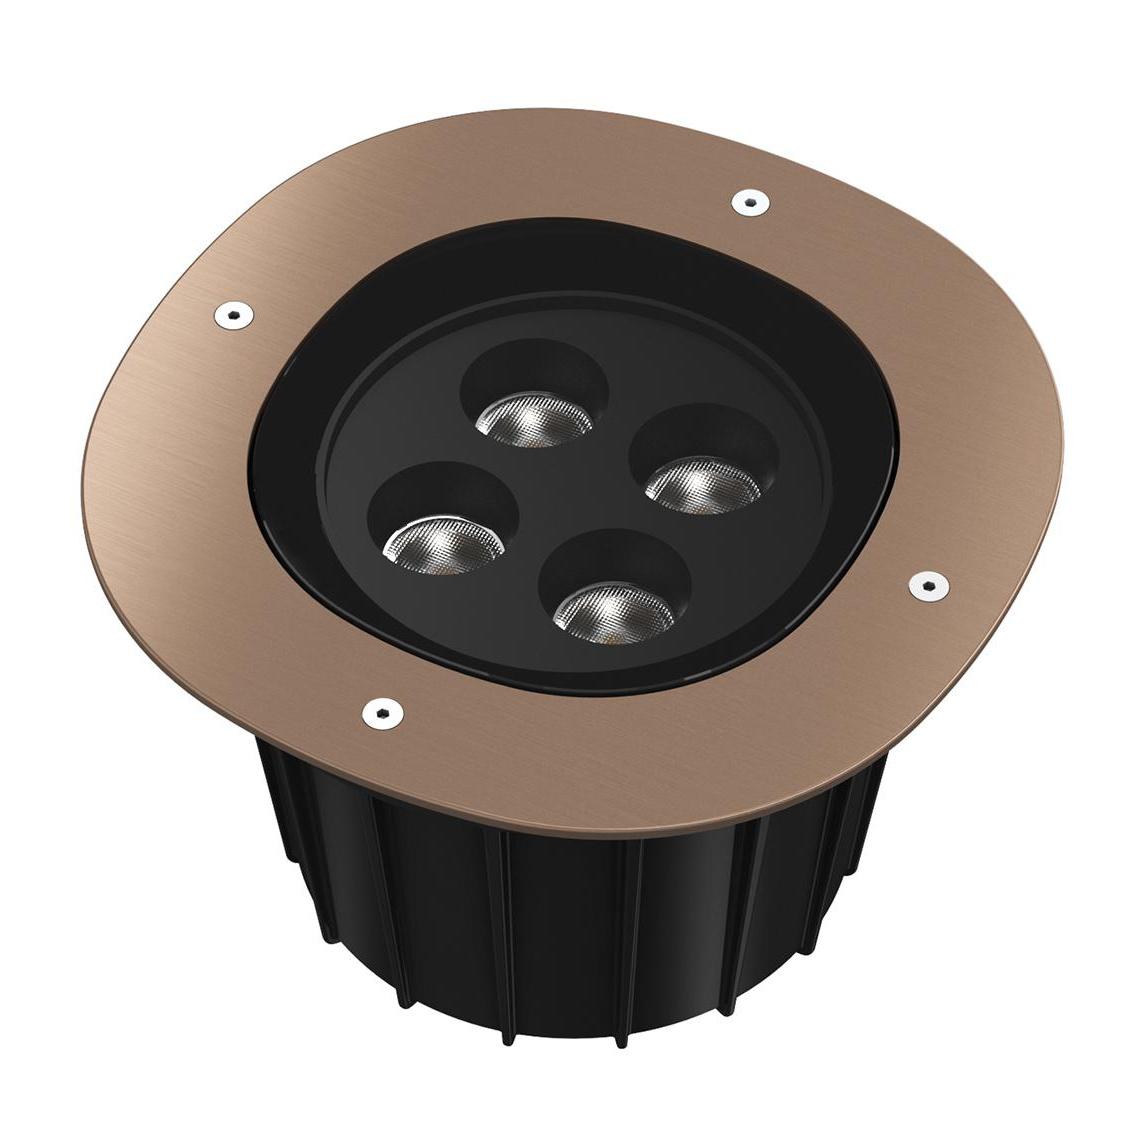 Flos - A-Round 240 LED Außenbodenleuchte 25° - bronze/gebürstet/Abstrahlwinkel 25°/Ø 24cm/T 18|2cm/inkl. Transformator/LED 21W 2040lm 3000K CRI | Lampen > Aussenlampen > Bodeneinbauleuchten | Flos